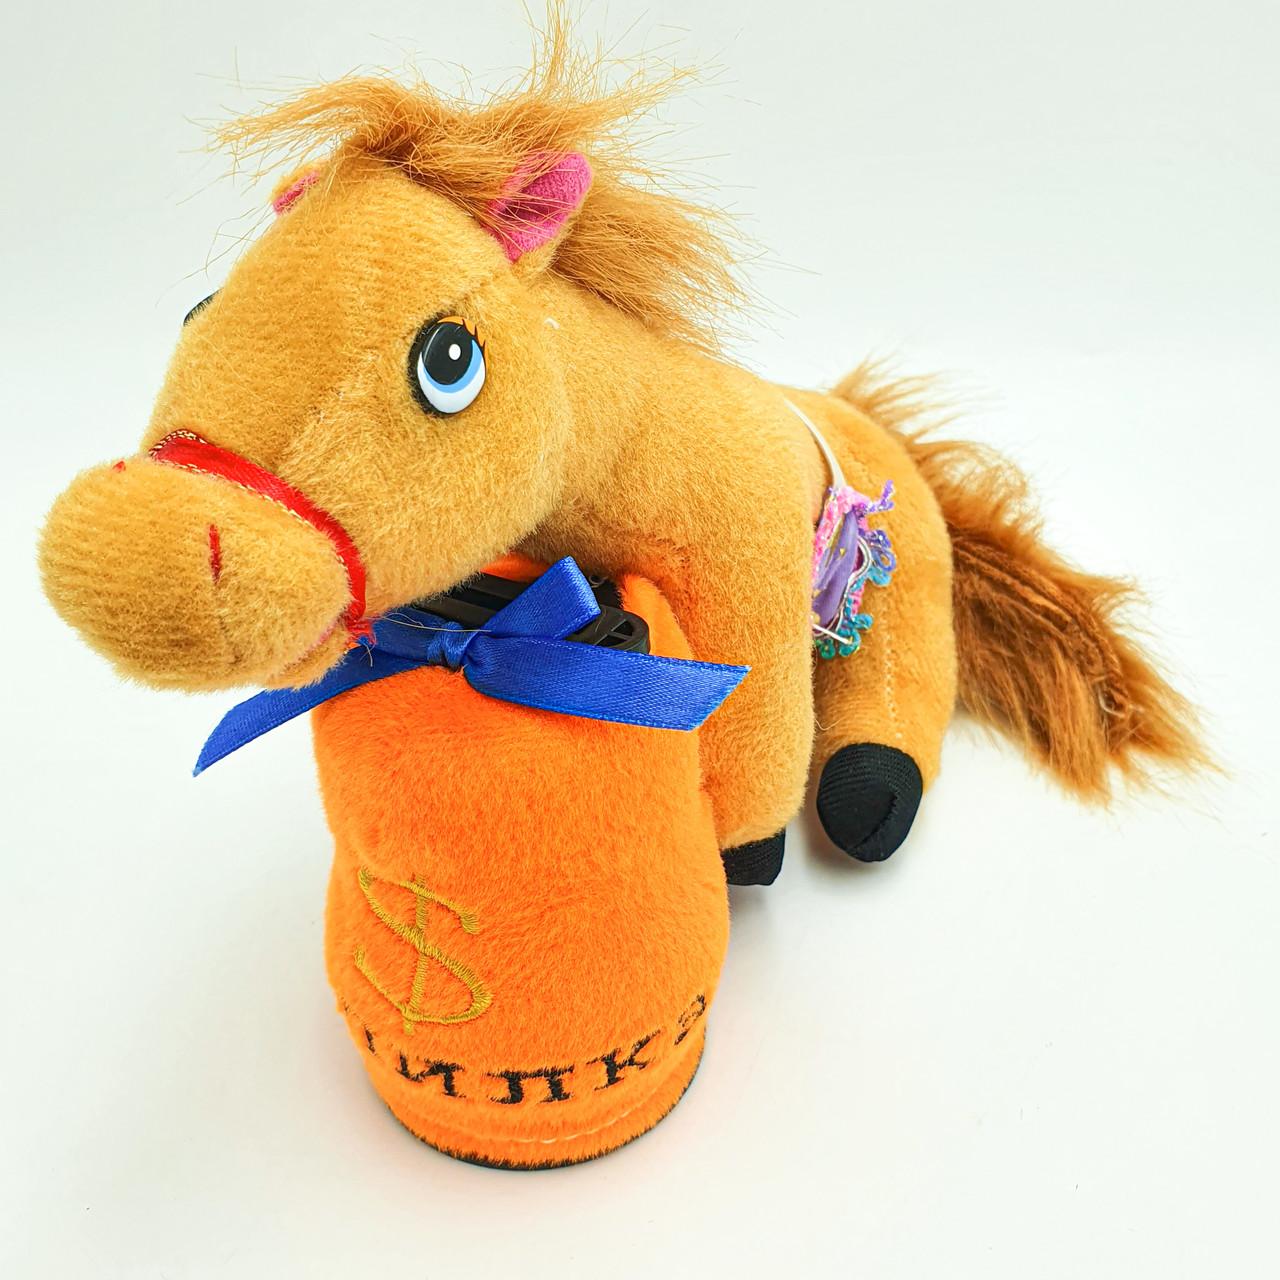 Копилка музыкальная мягкая игрушка Лошадка  с мешком копилкой коричневый